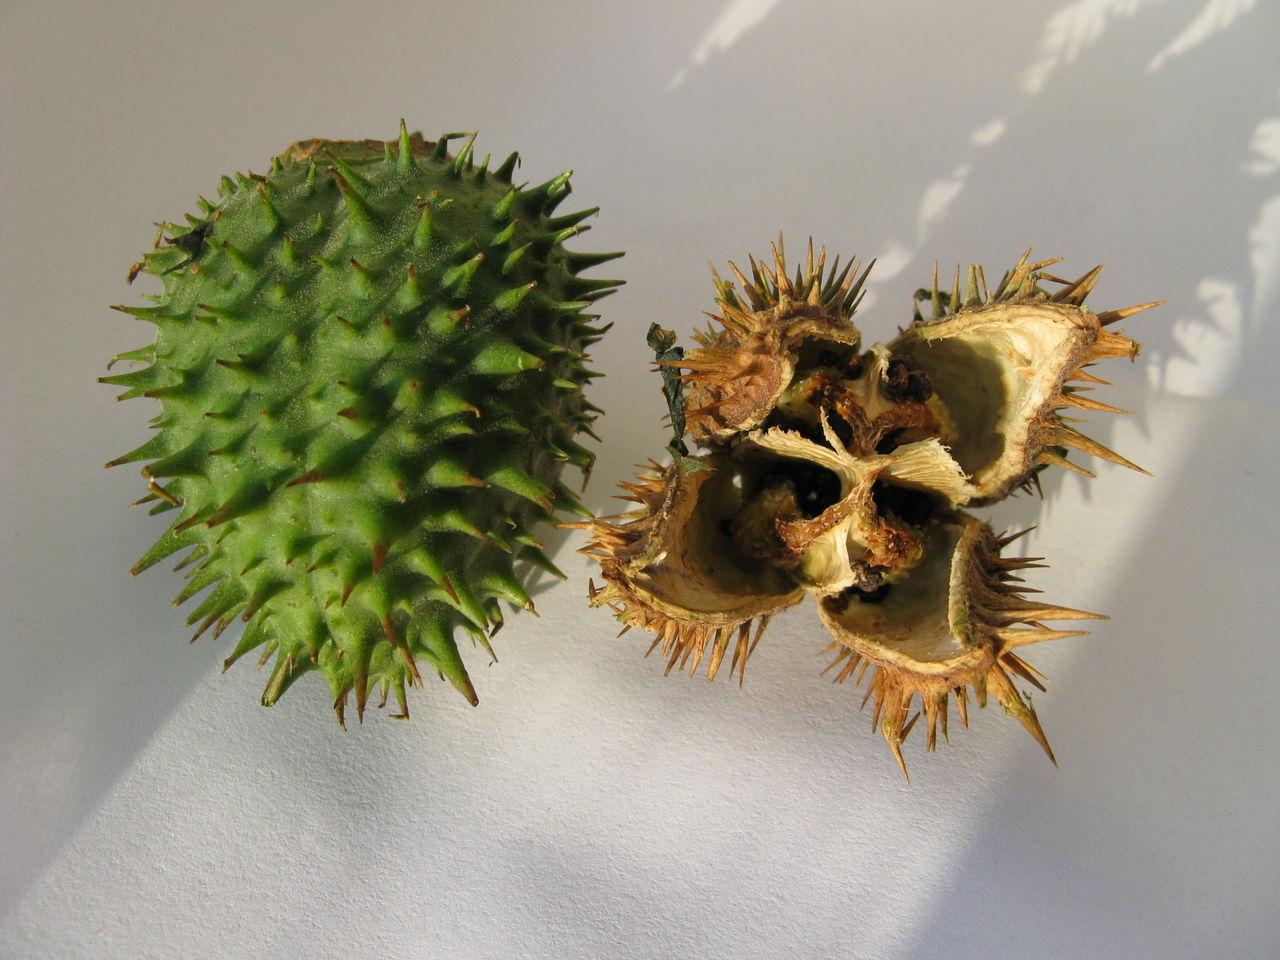 山上野果名称及图片_带刺果实的图片-果实带刺的植物,球状带刺果实,带刺的果实图片 ...